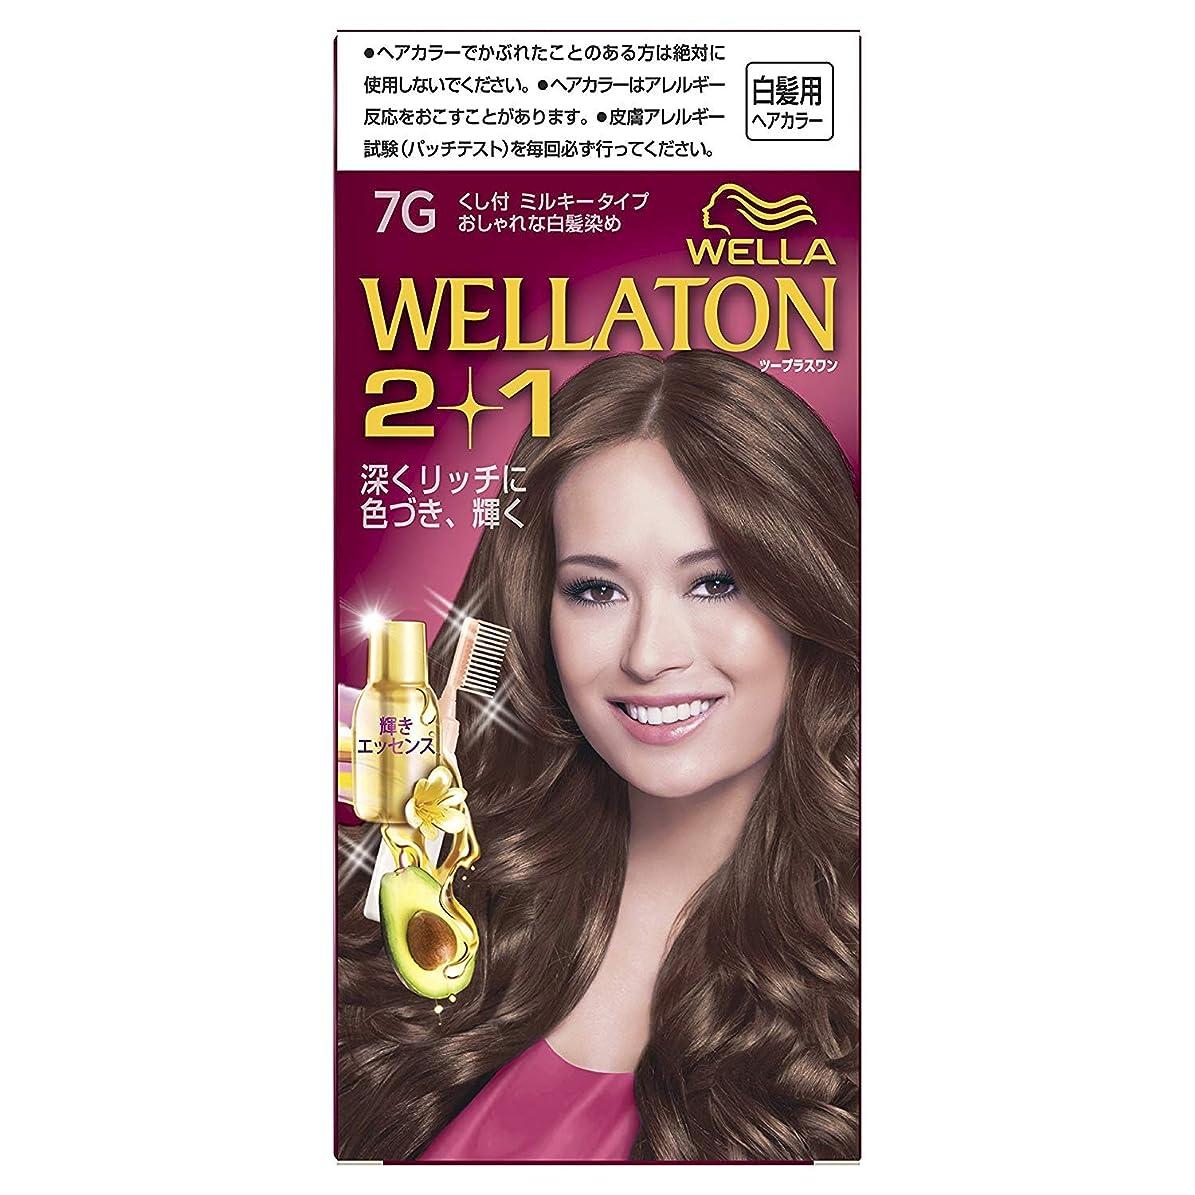 楽なキルトハムウエラトーン2+1 白髪染め くし付ミルキータイプ 7G [医薬部外品] ×6個